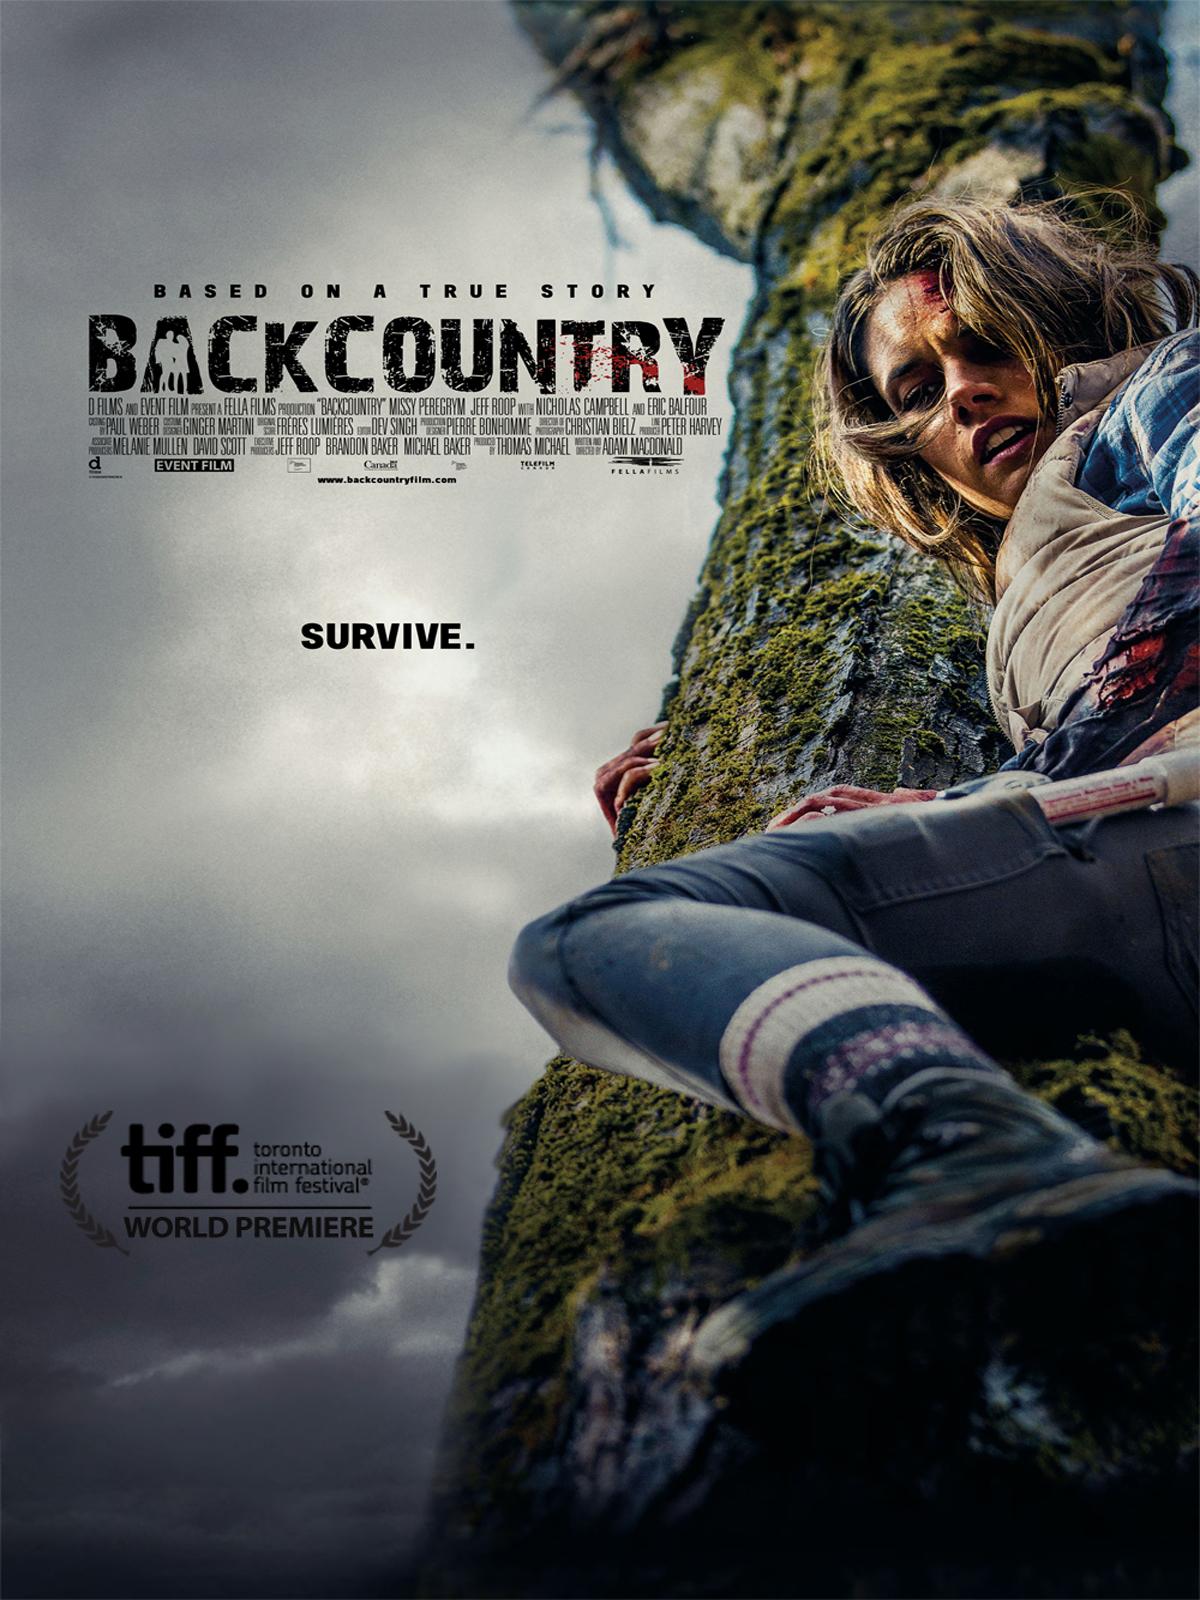 Backcountry: Fotos - Backcountry : Poster - AdoroCinema